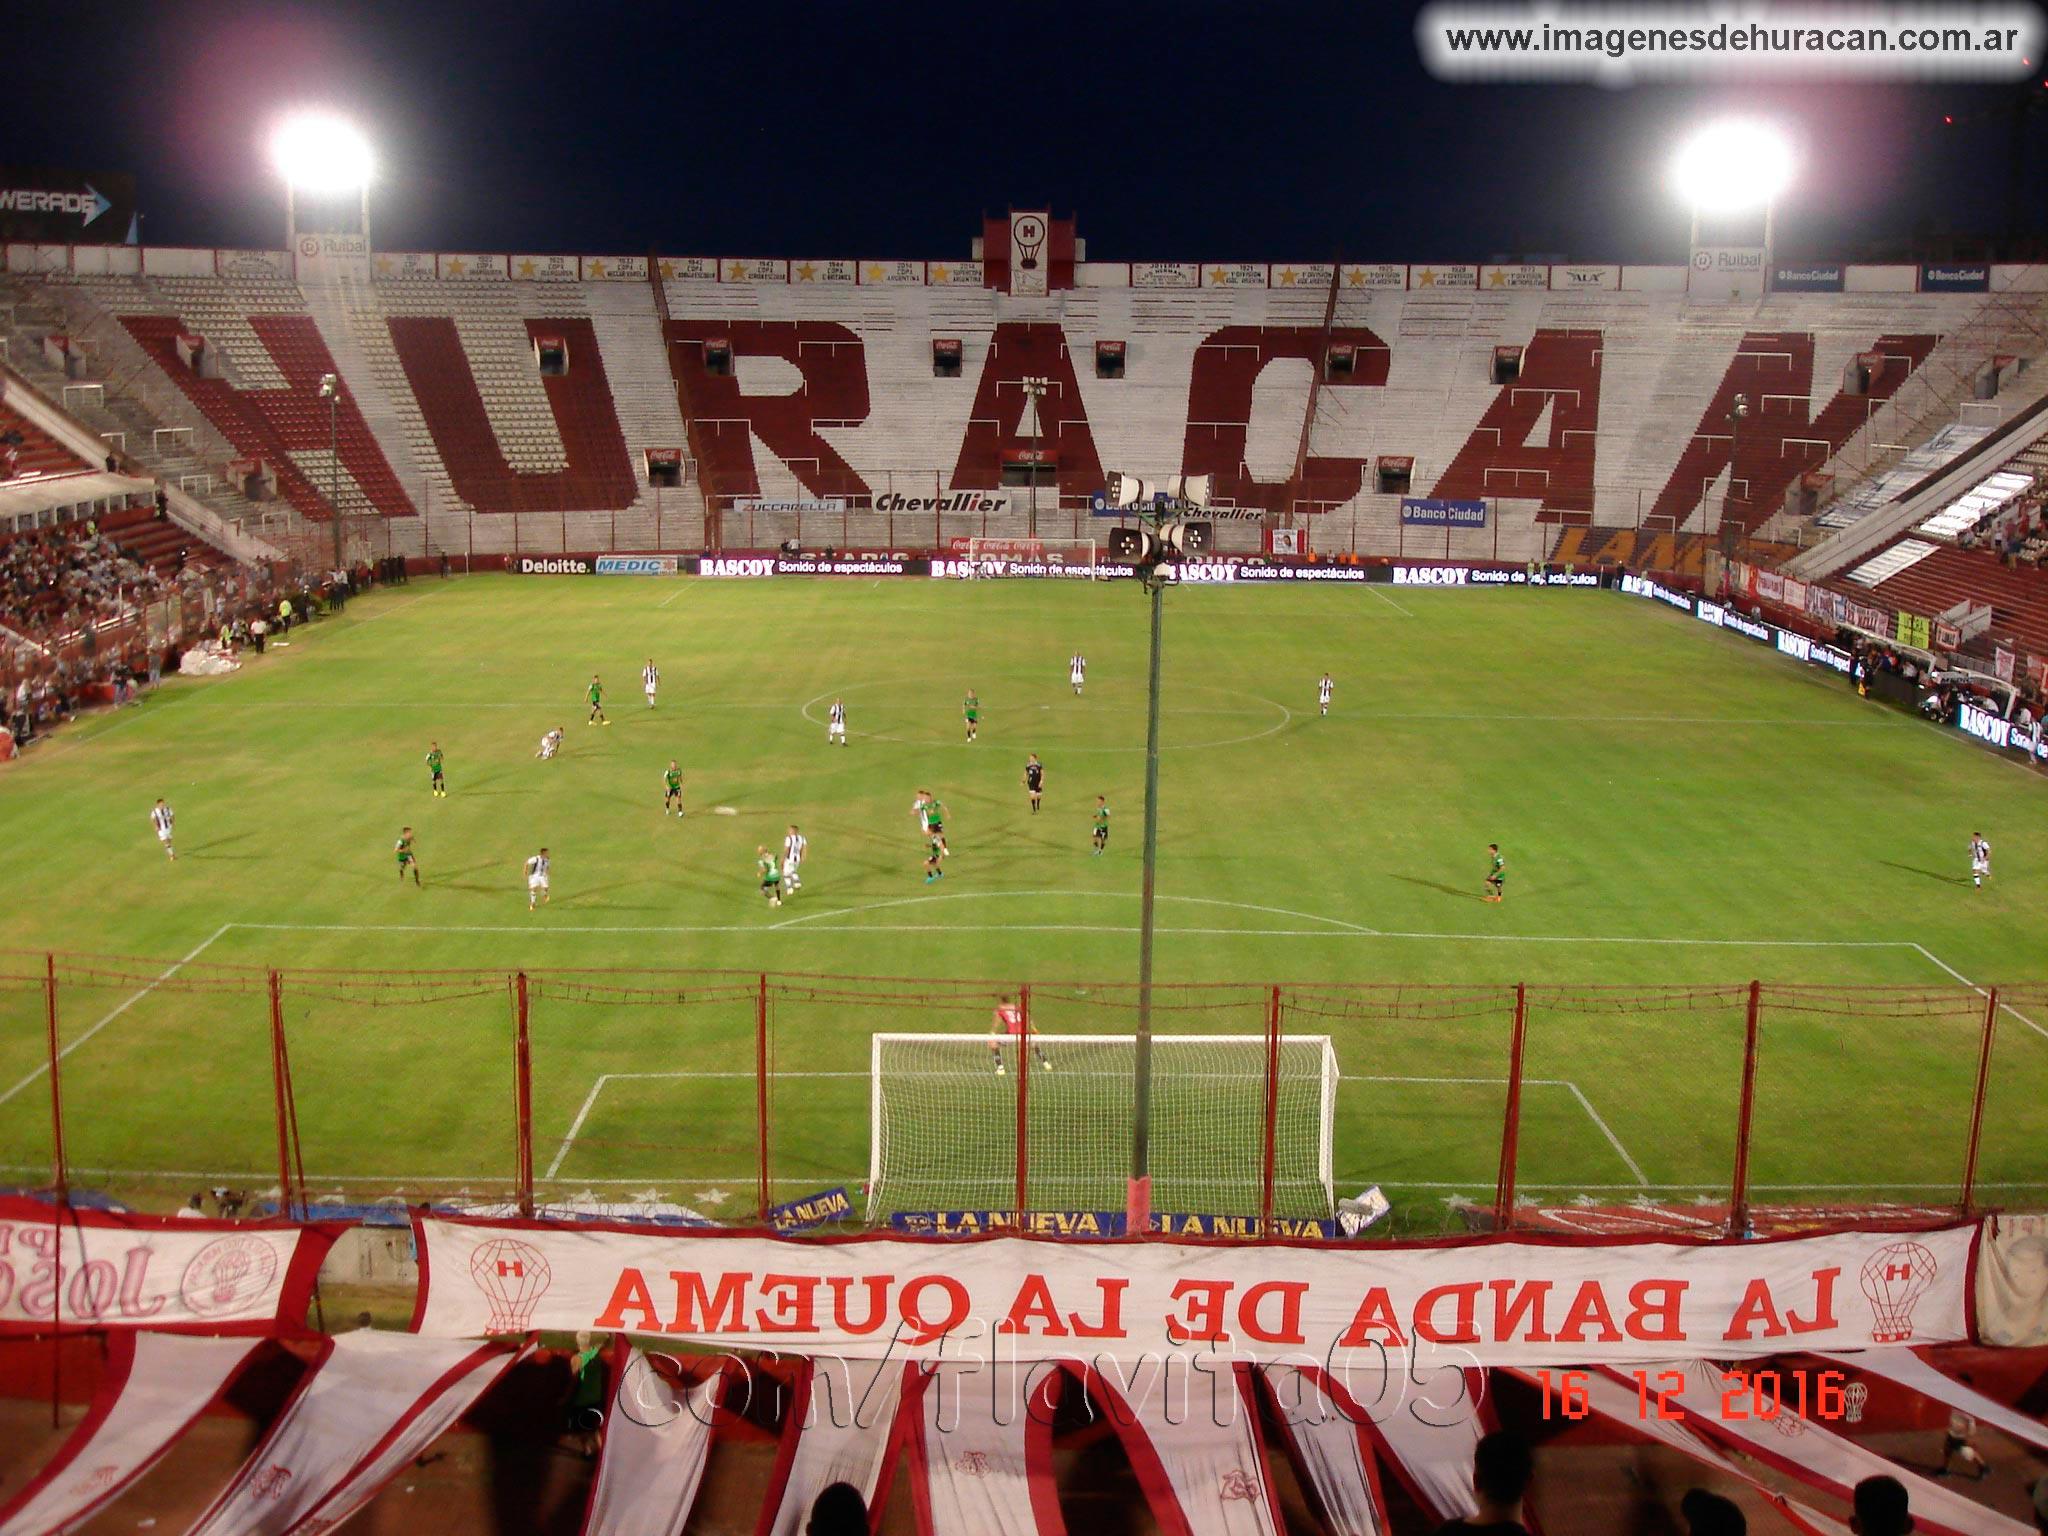 huracán vs talleres córdoba fecha 14 primera división 2016